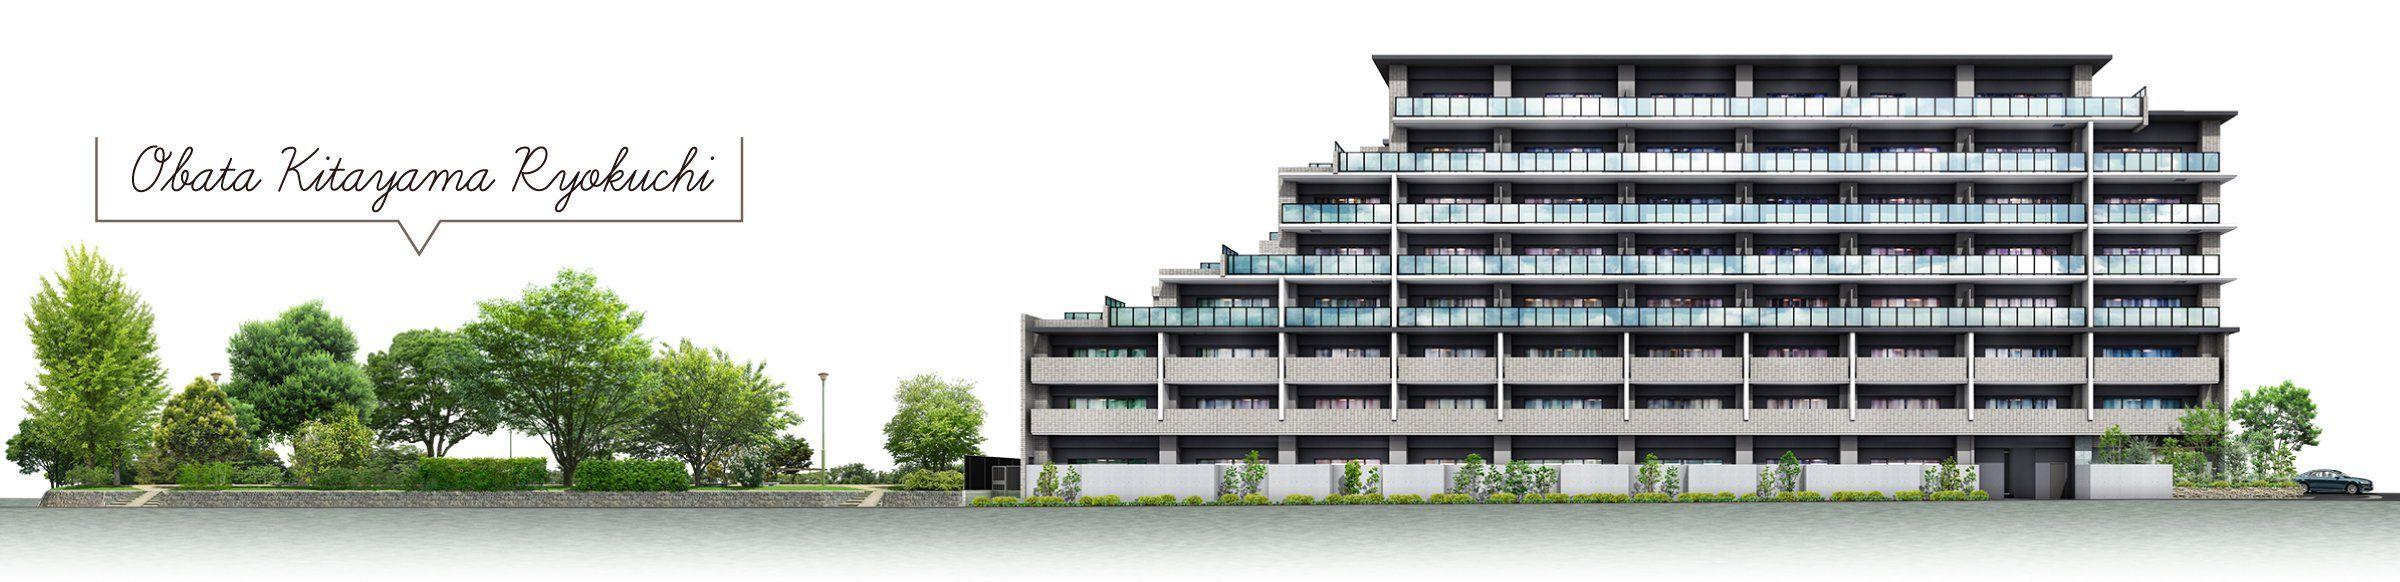 プラセシオン小幡ガーデン(外観完成予想図)